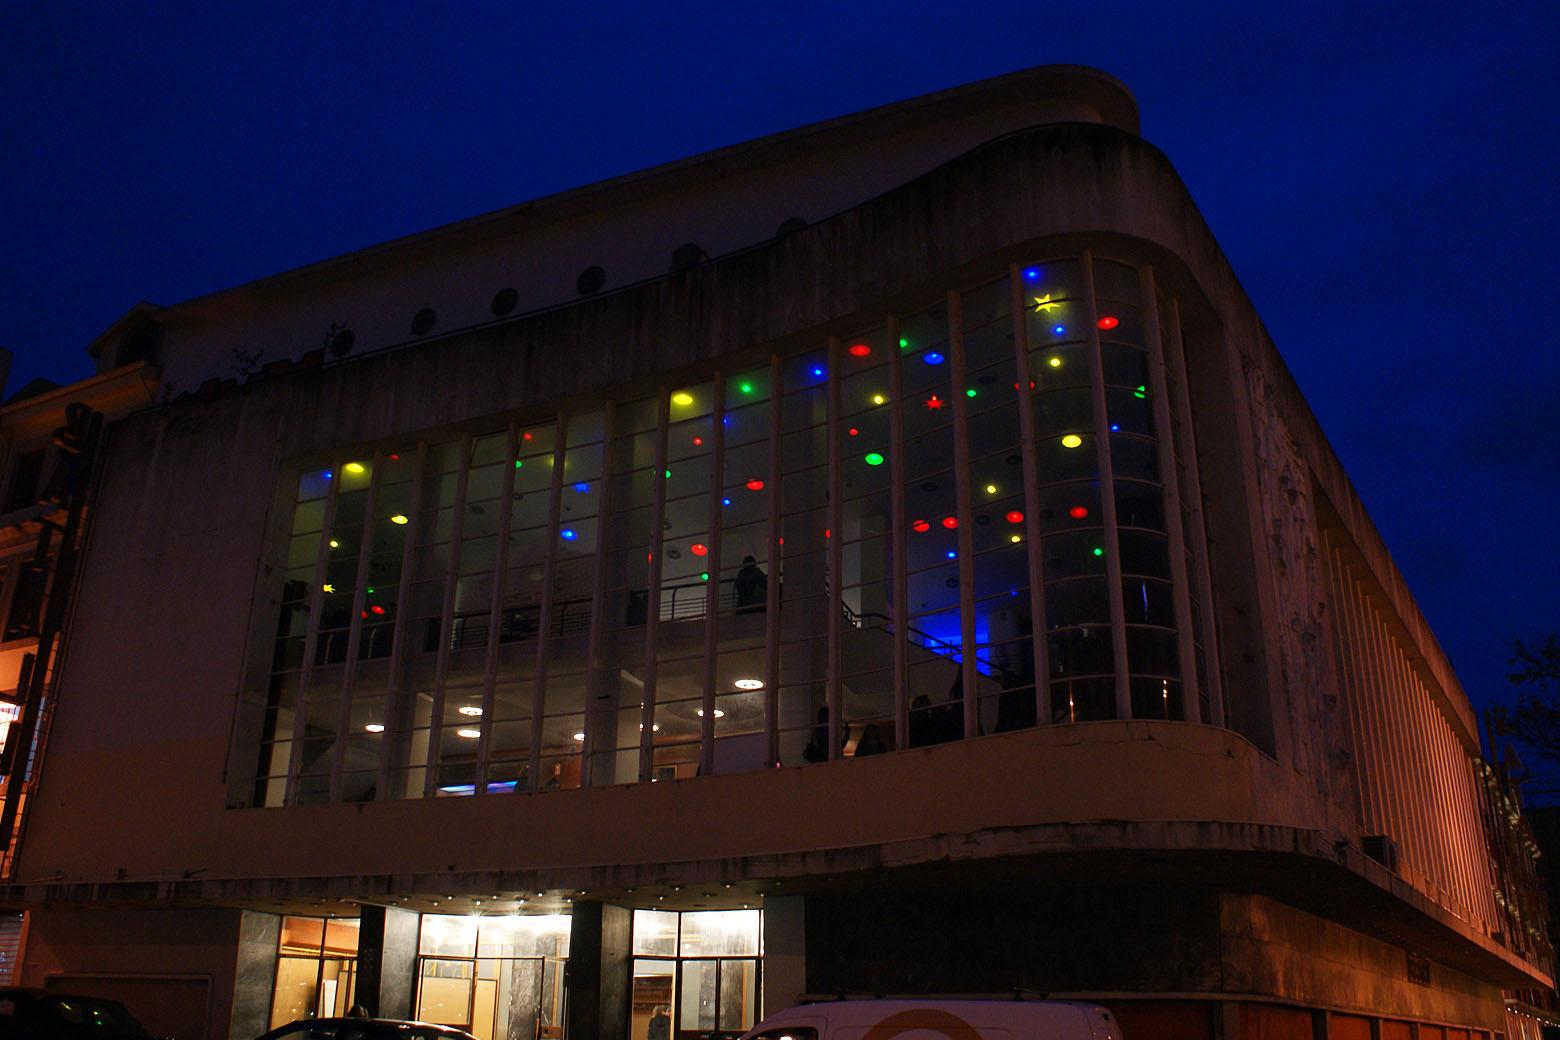 O espaço fechado desde 2010 vai ser remodelado, num projeto da Câmara Municipal do Porto.